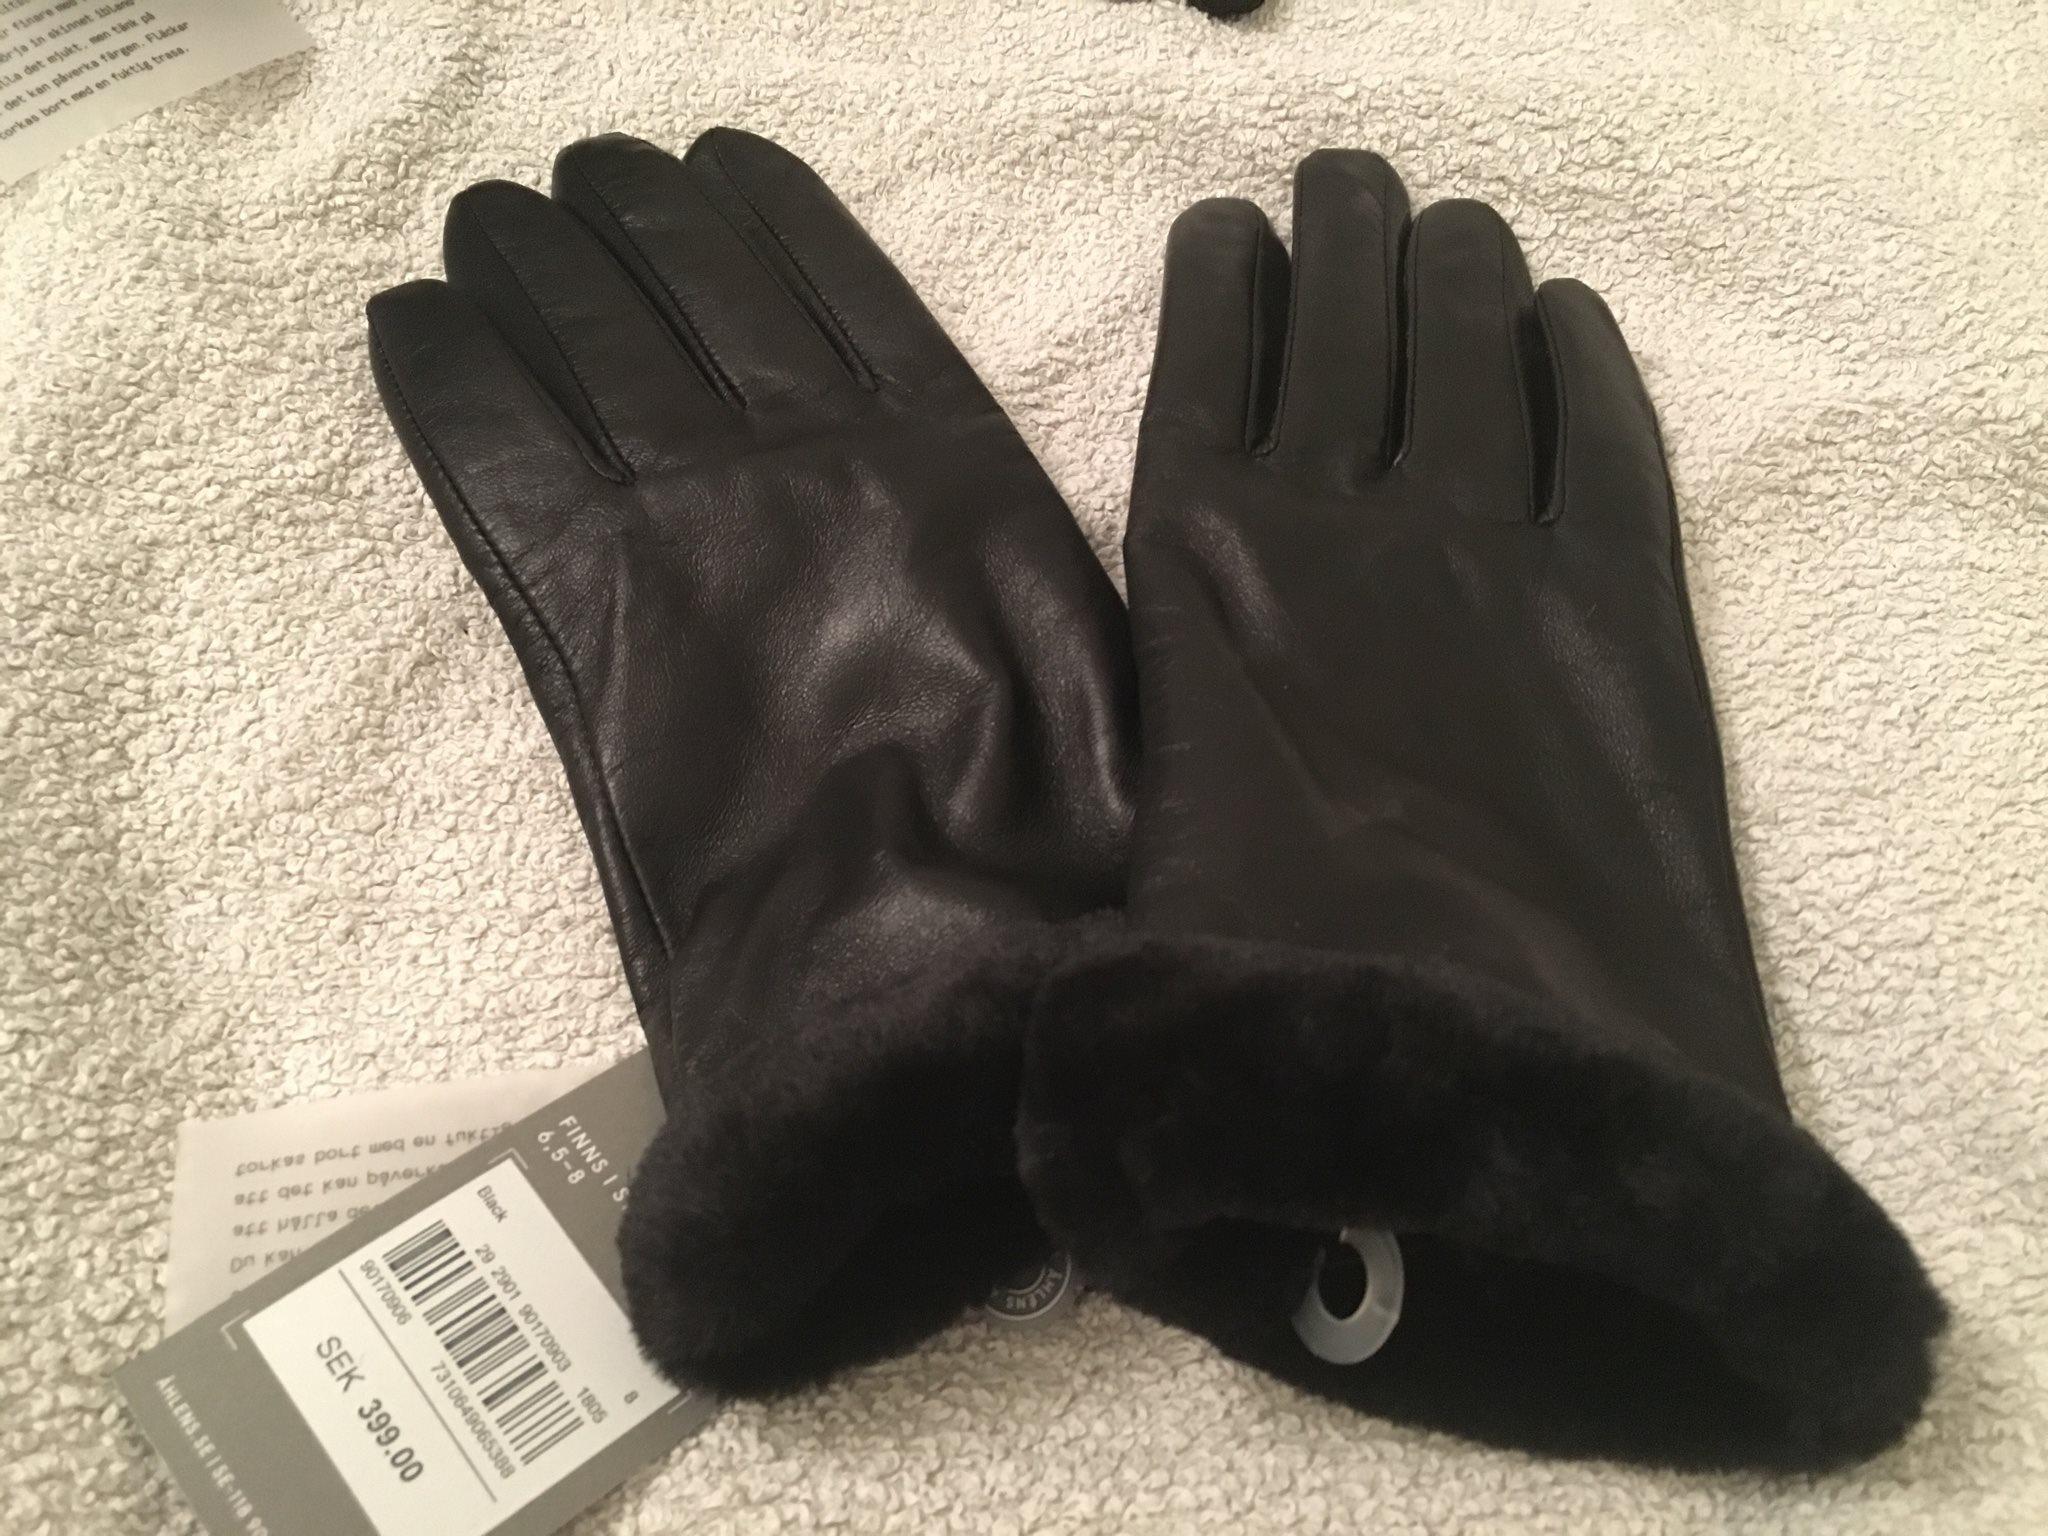 dd9e9bfca4a2 Skinn vantar svart storlek 8 Ny (nypris 399kr) (339951111) ᐈ Köp på ...